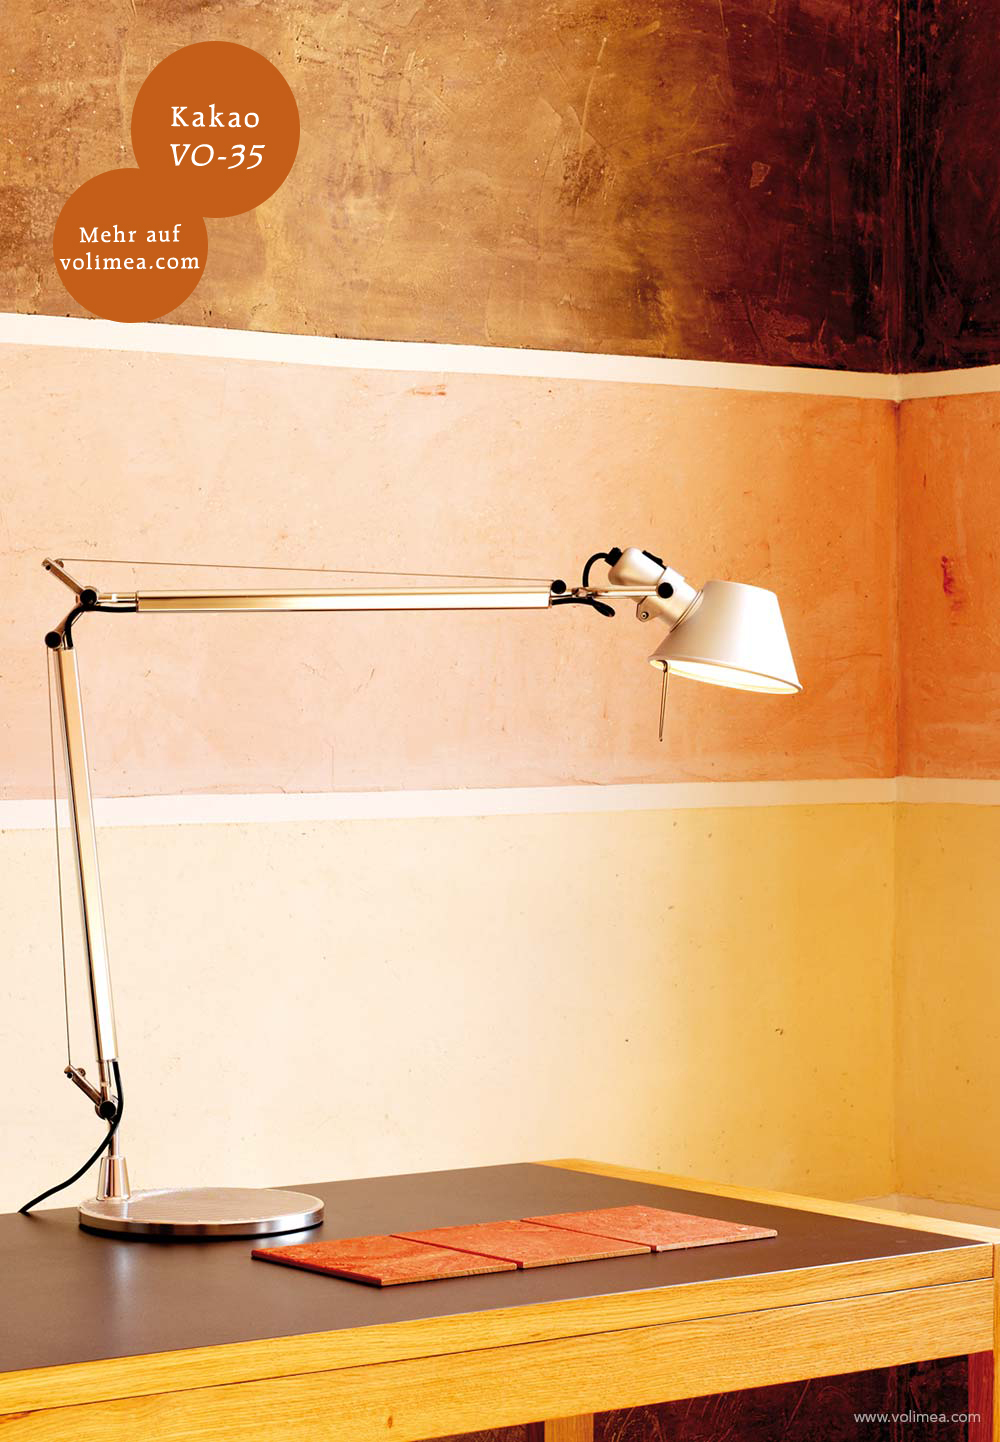 Mikrozement fugenlose Volimea Wandbeschichtung im Büro - Kakao VO-35